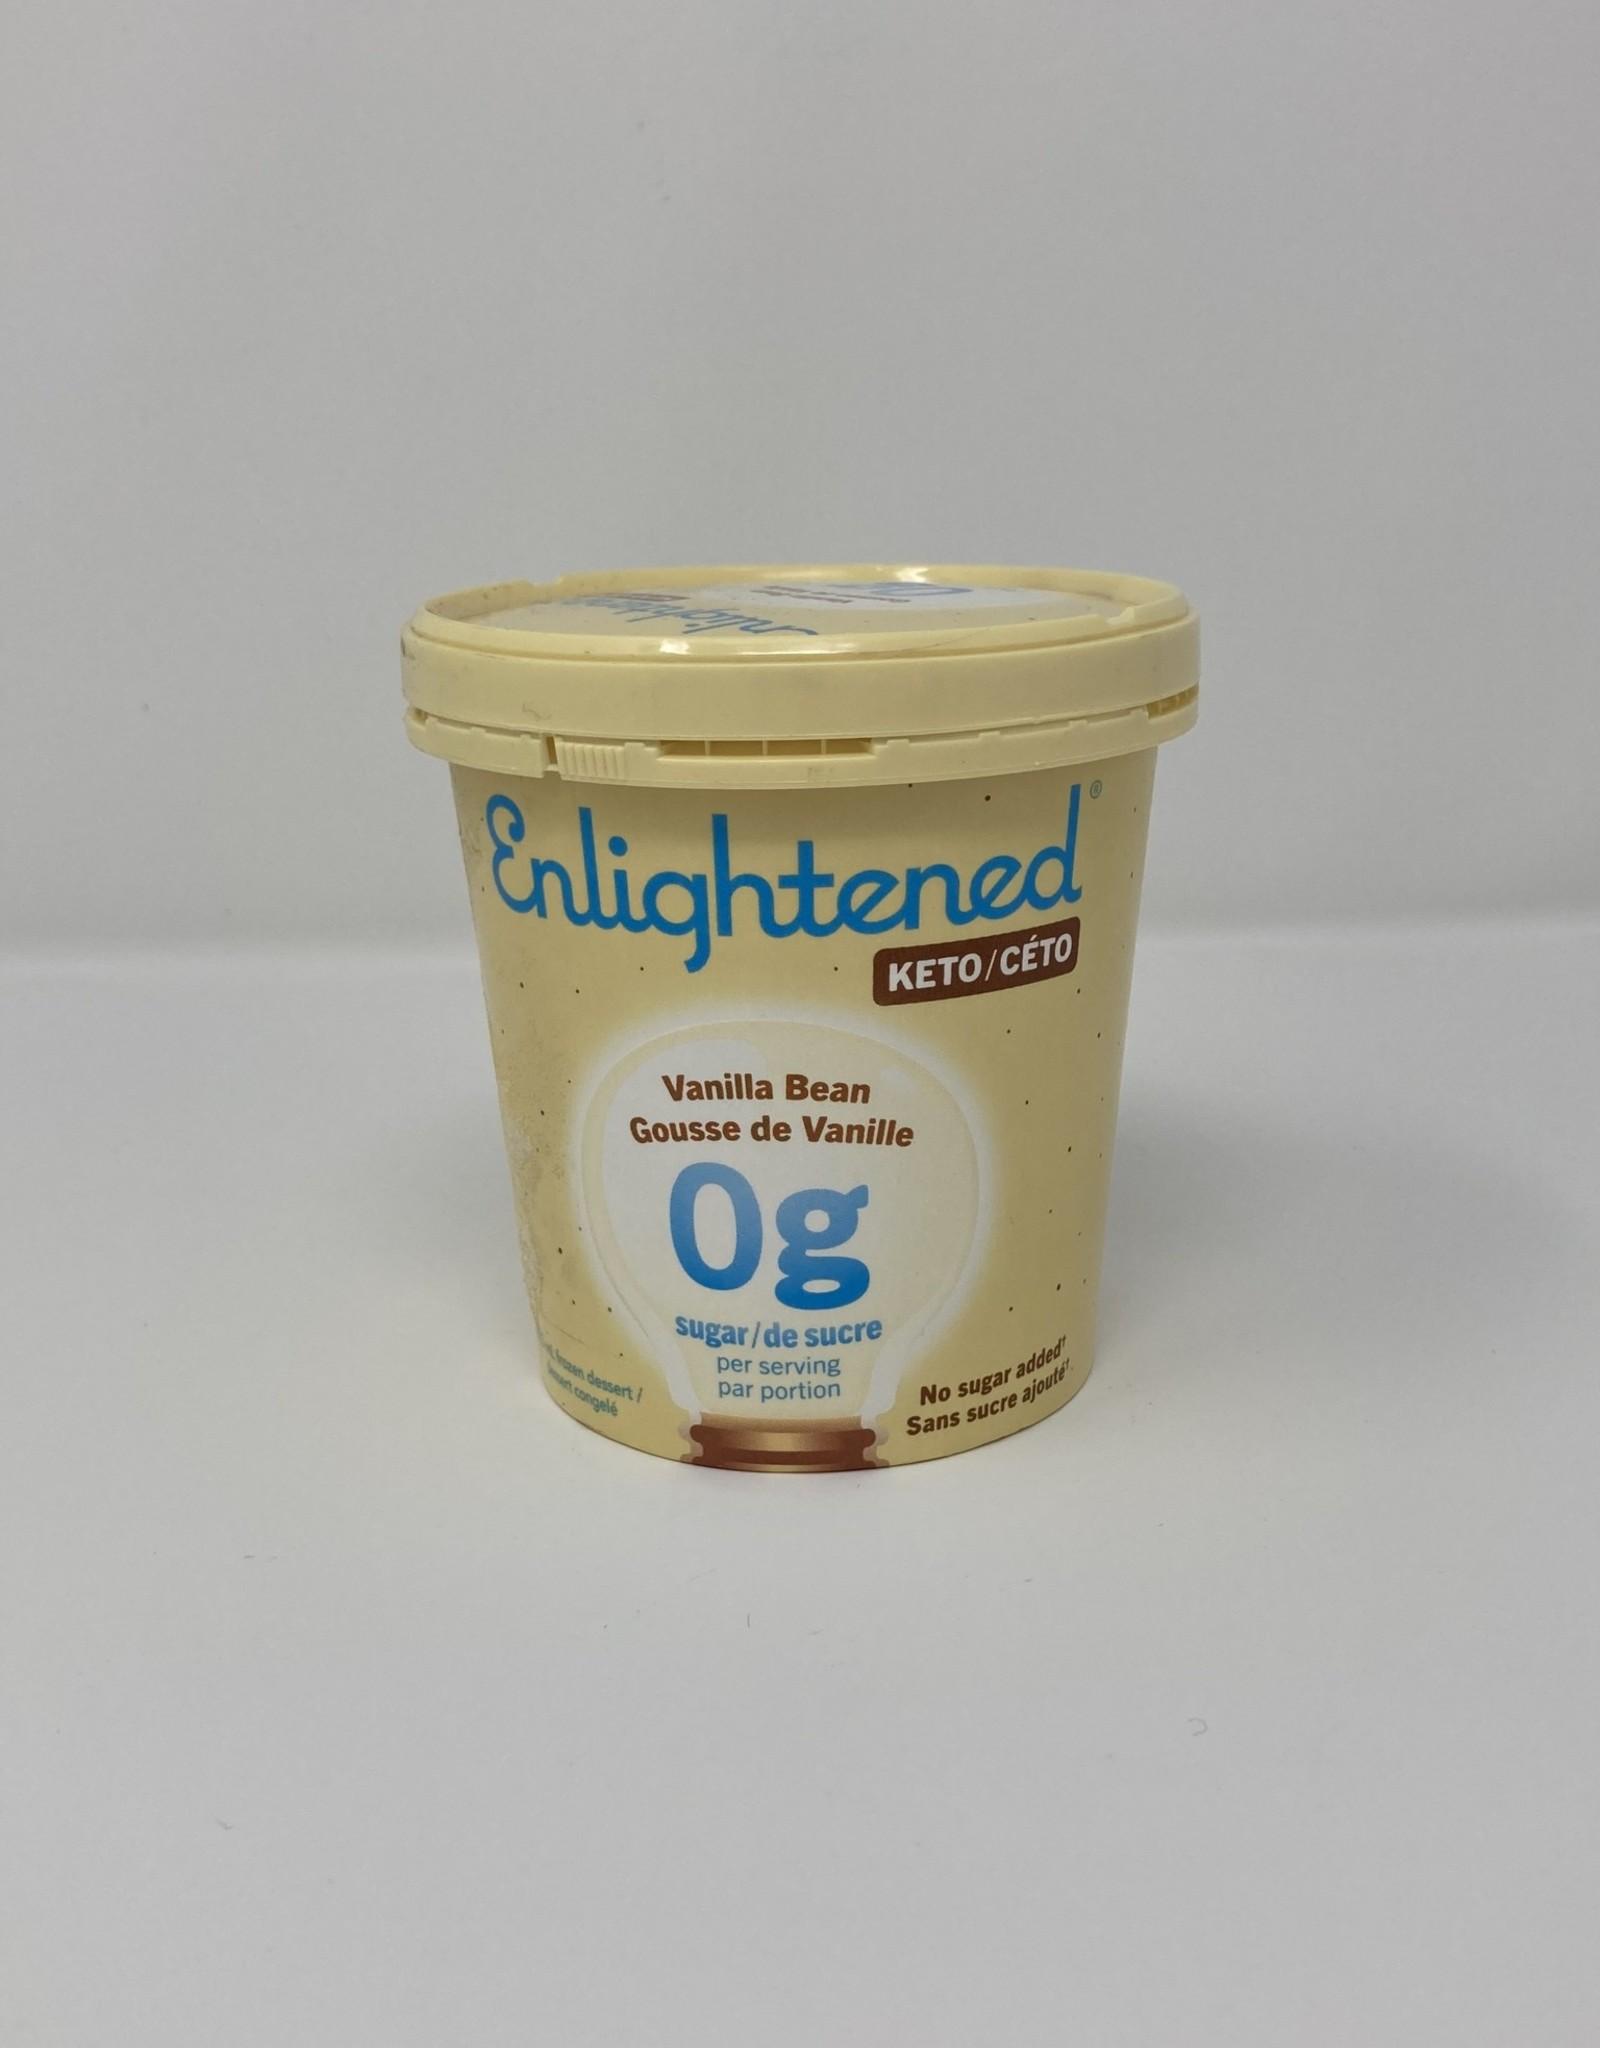 Enlightened Enlightened - Ice Cream, Keto Vanilla Bean